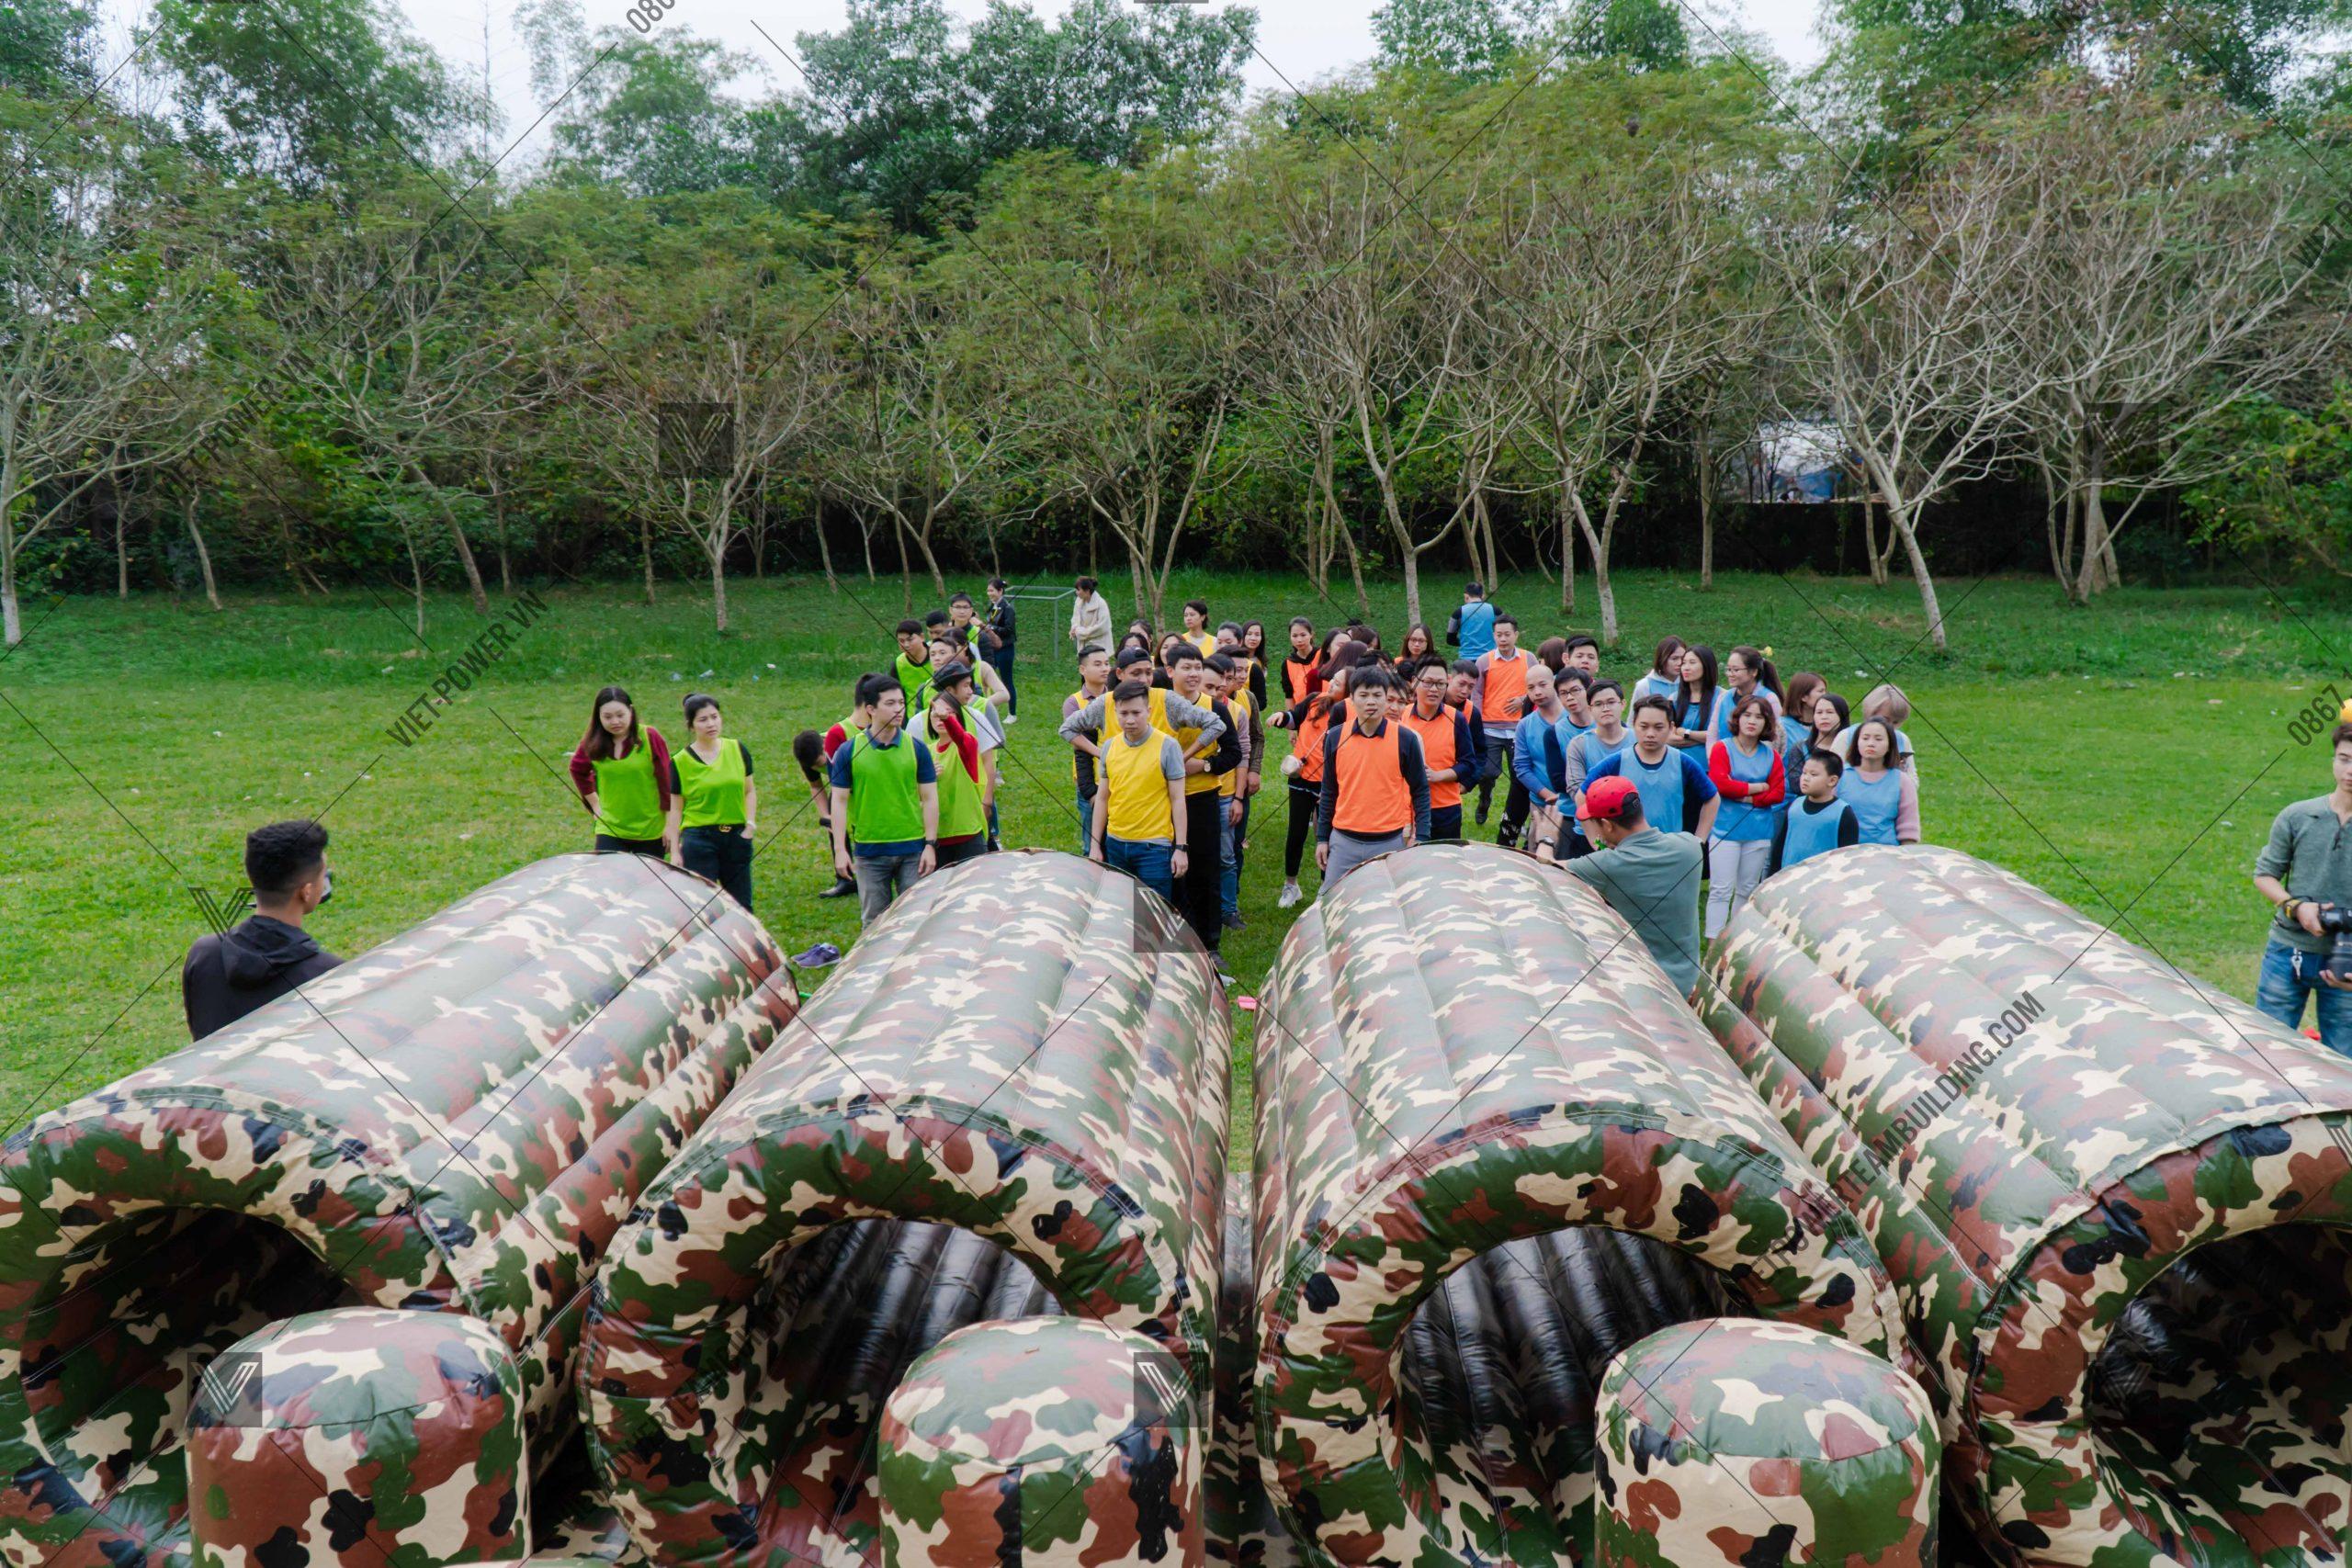 địa điểm tổ chức team building tại đà nẵng 7